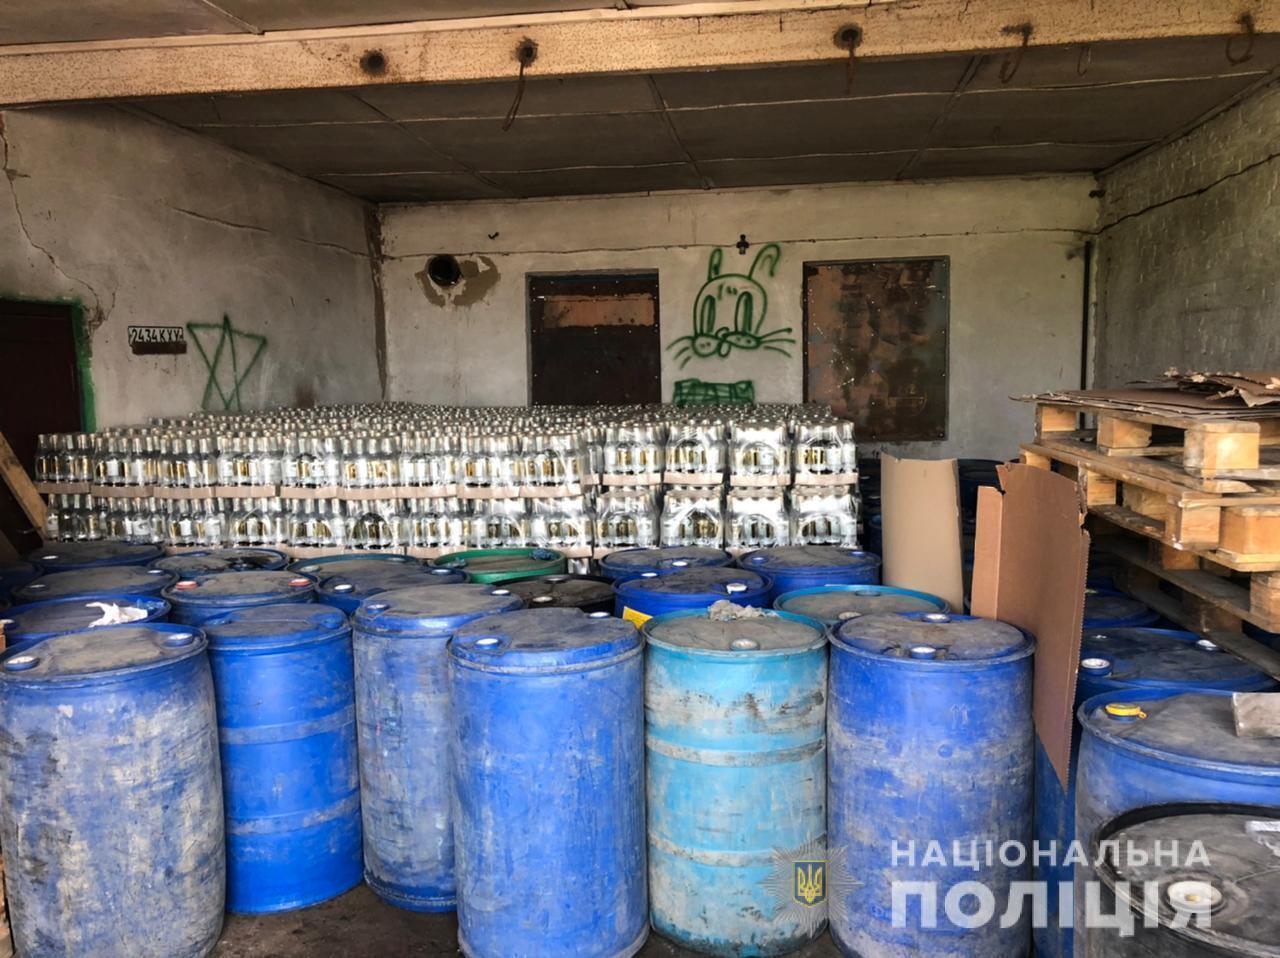 Правоохоронці вилучили 20 тонн алкоголю на 10 млн грн.